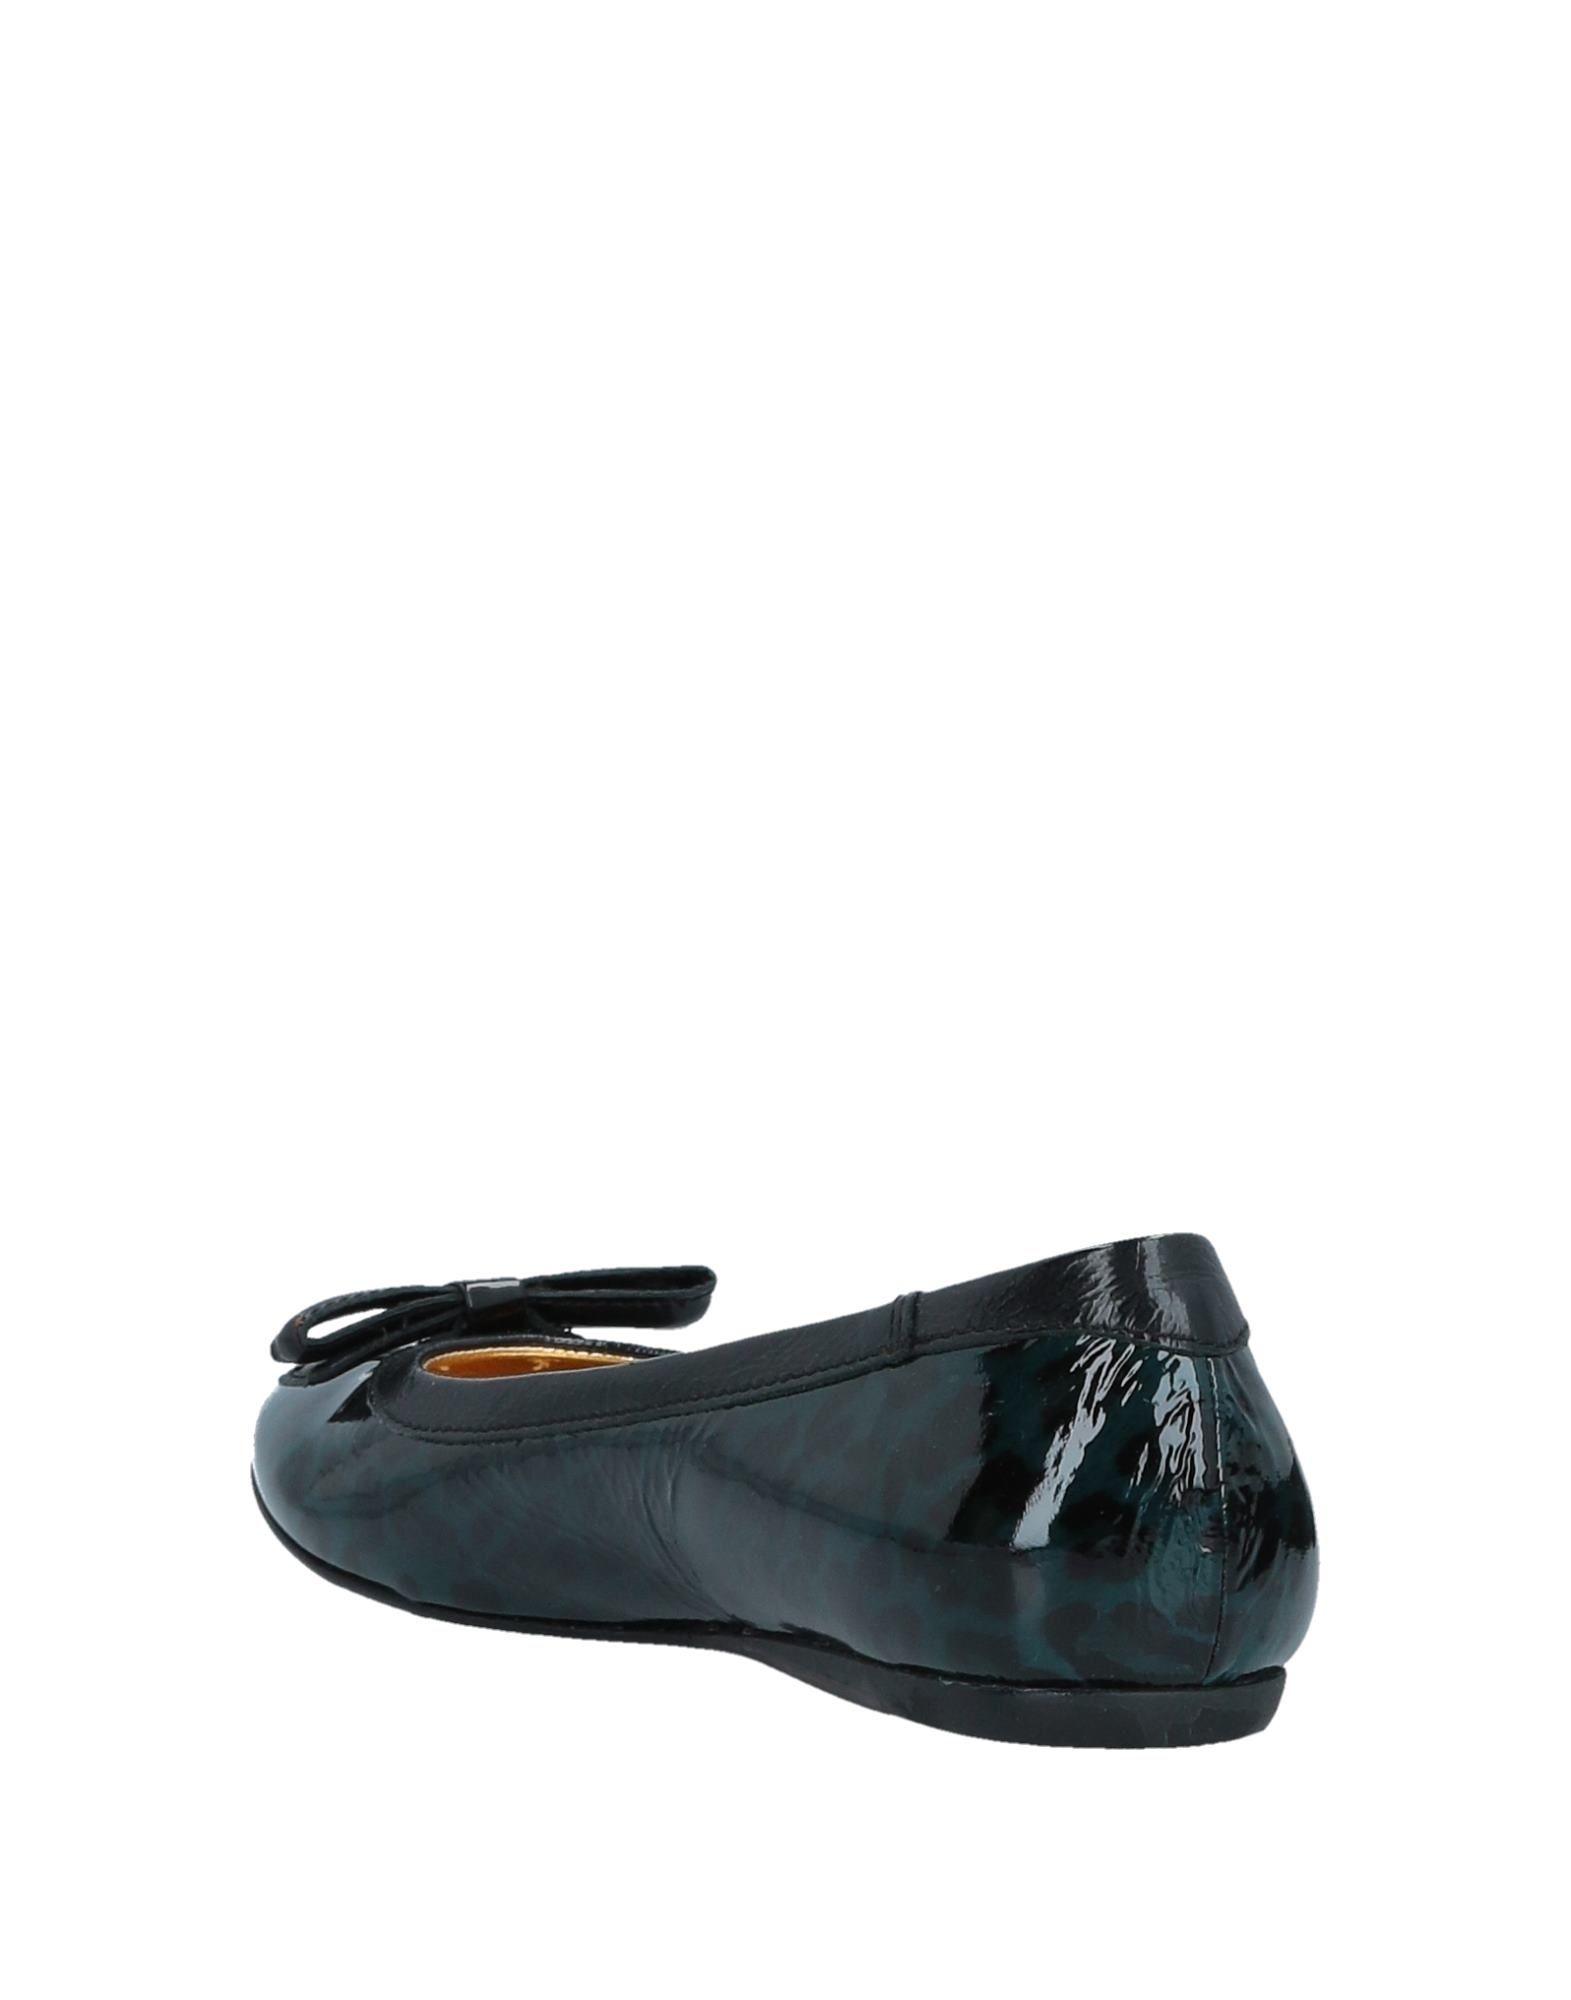 Roberto Cavalli Angels Ballerinas Damen  11522100TU Gute Qualität beliebte Schuhe